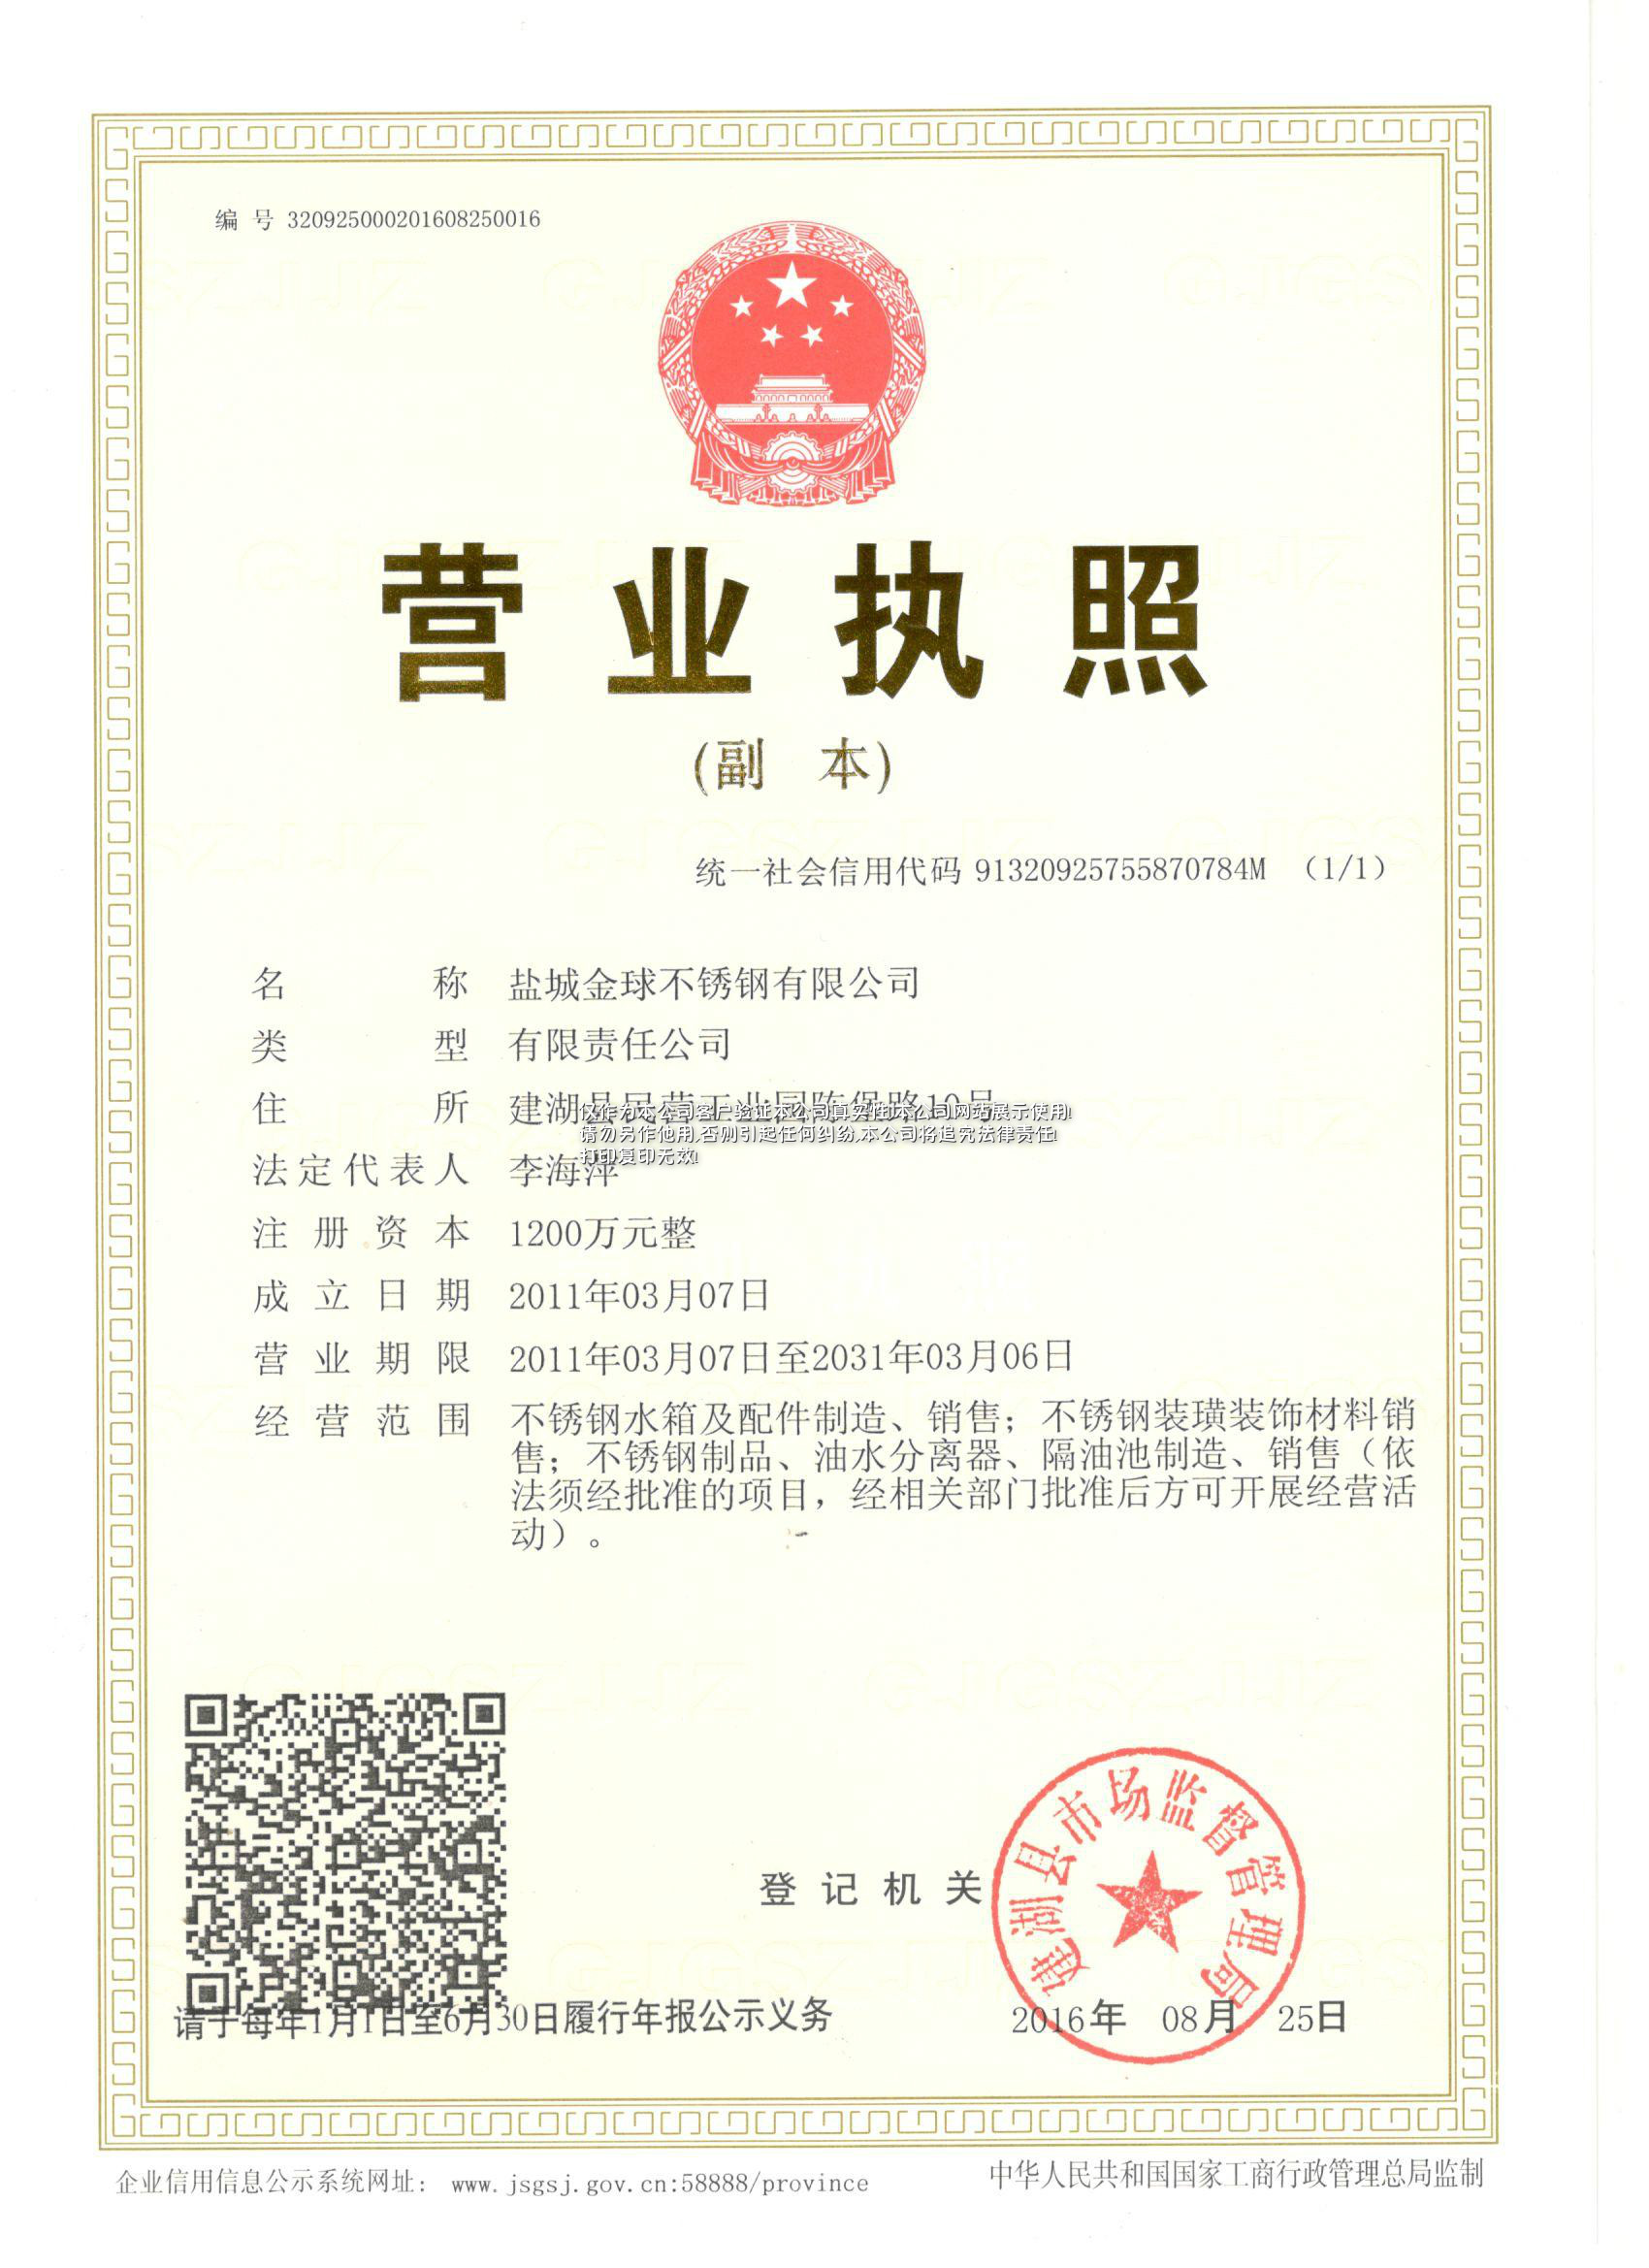 沙县营业执照